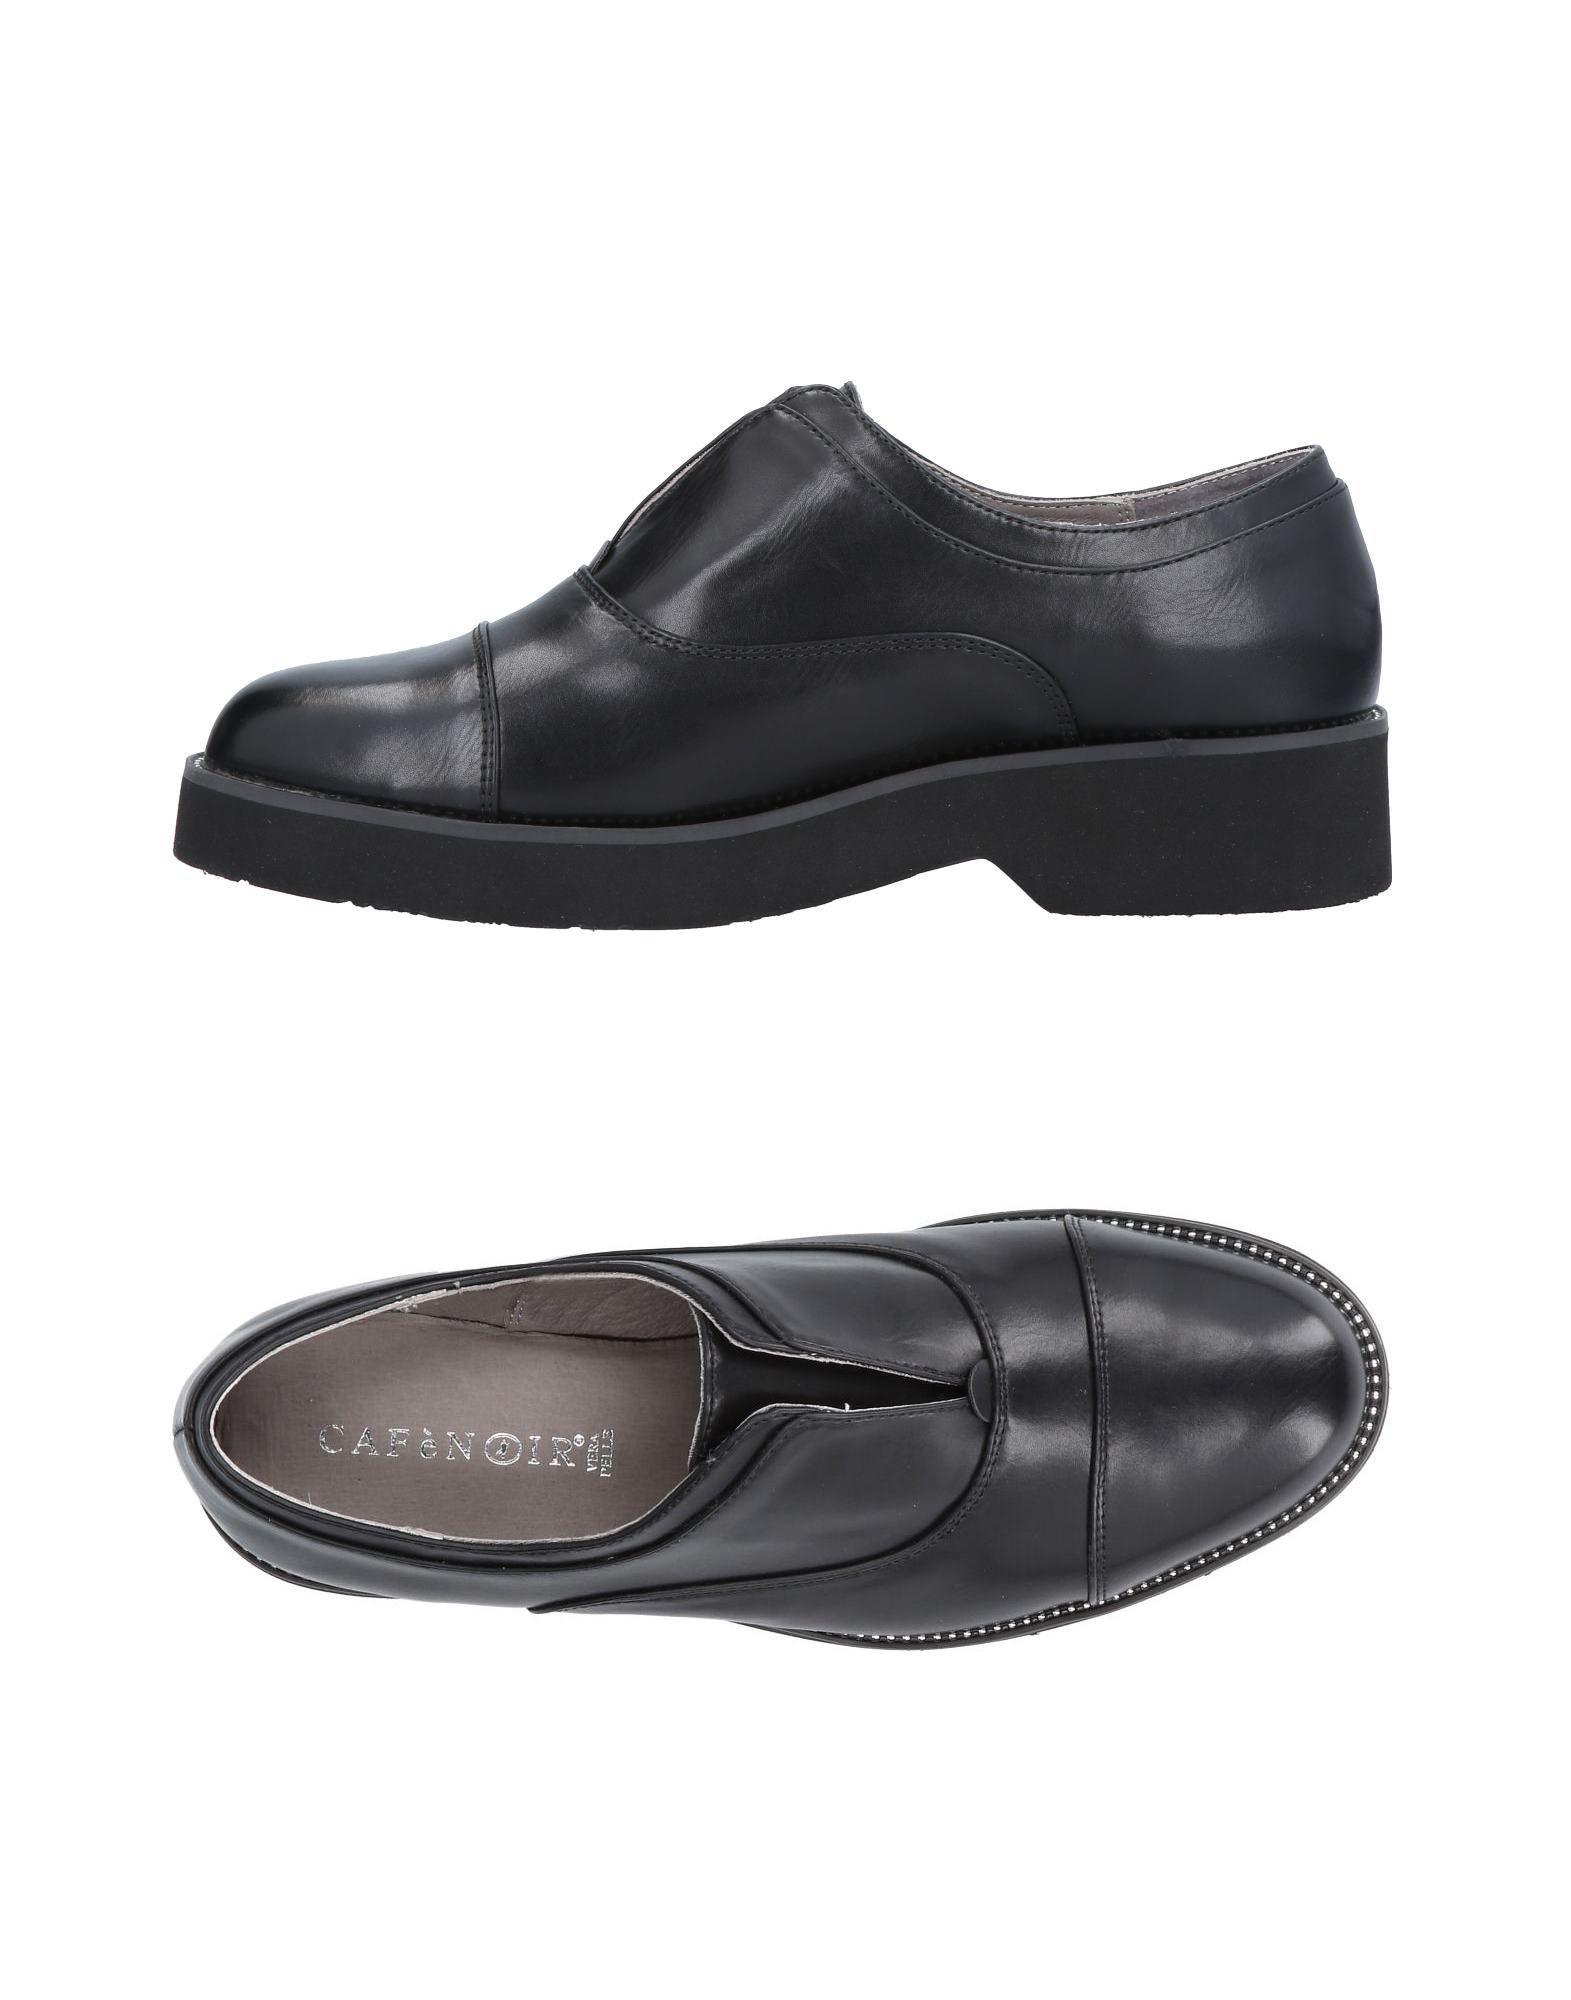 Los hombres últimos zapatos de descuento para hombres Los y mujeres Mocasín Cafènoir Mujer - Mocasines Cafènoir  Negro 2975fe